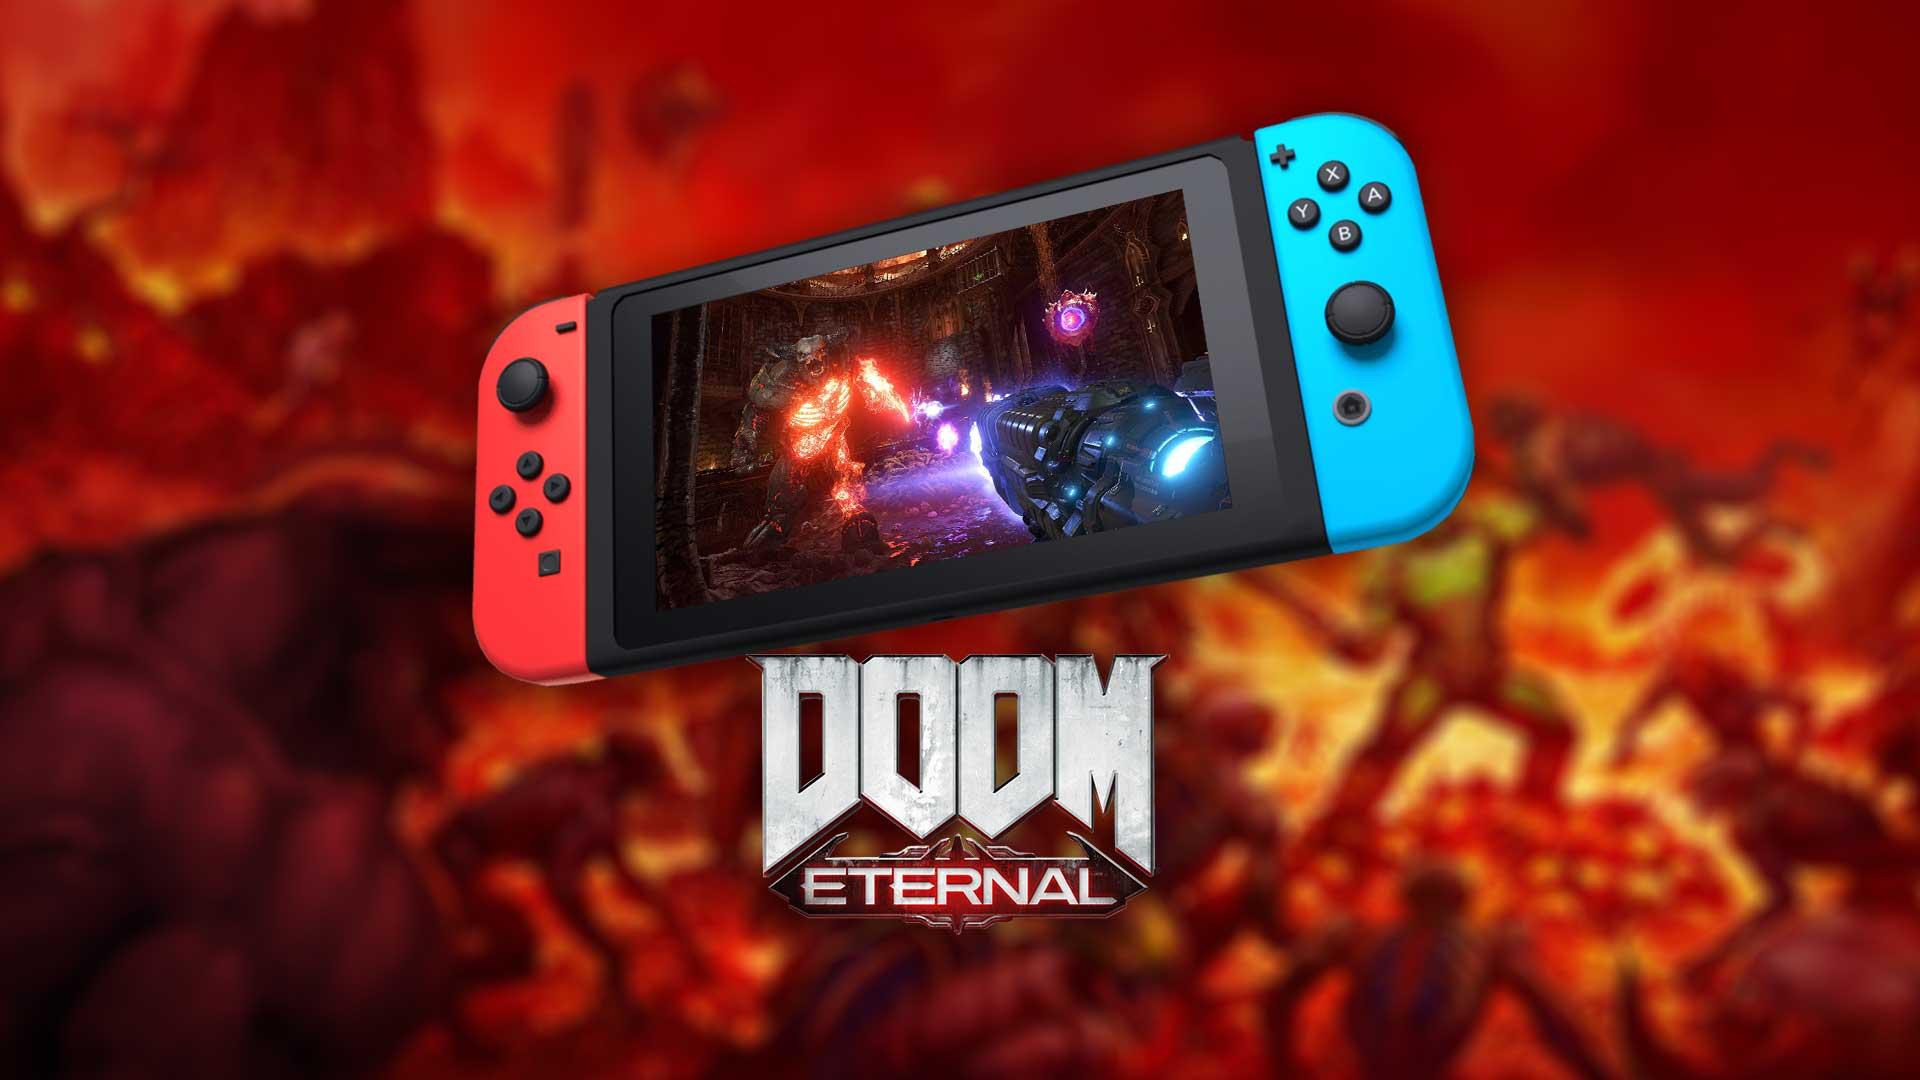 Doom Eternal - wersja na Nintendo Switch wychwalana przez dyrektora gry 24